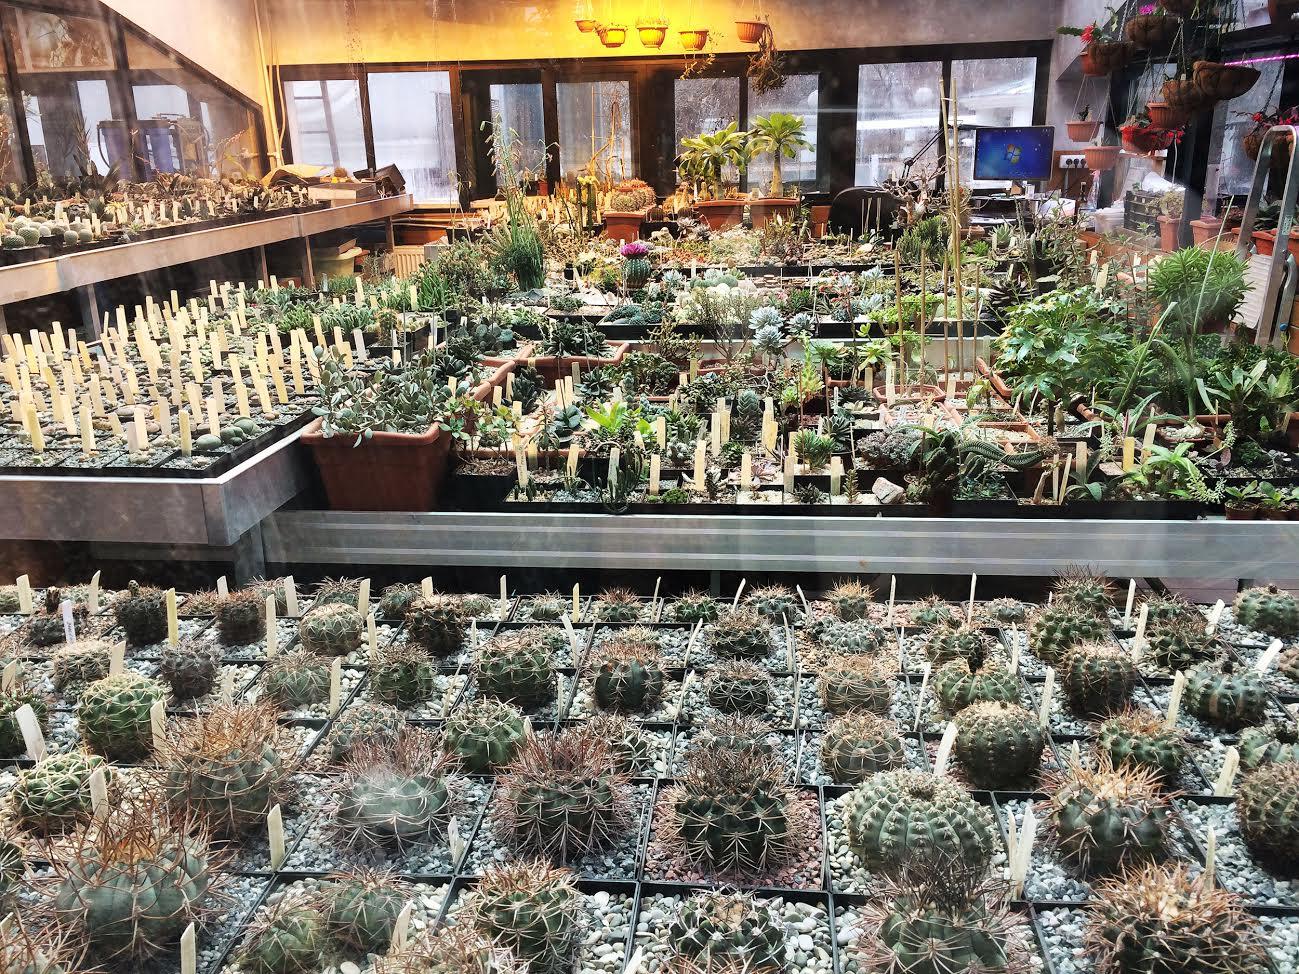 Жители Москвы большими группами стекаются в «Аптекарский огород» – полюбоваться редкими орхидеями, хищными растениями и причудливыми суккулентами – растениями пустынь. Фестиваль «Тропическая зима» в Ботаническом саду МГУ восьмой год подряд собирает желающих погреться и получить эстетическое удовольствие. Для посетителей проводятся познавательные экскурсии по оранжереям сада, и неудивительно, что наибольшее внимание гостей привлекают суккуленты, комфортно расположившиеся на 2 этаже оранжереи.